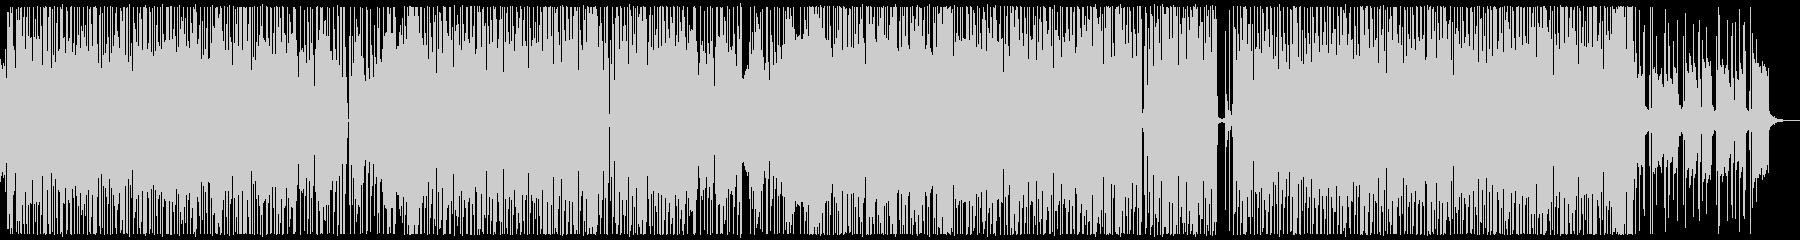 ホーンセクションの切れ味あるファンクの未再生の波形